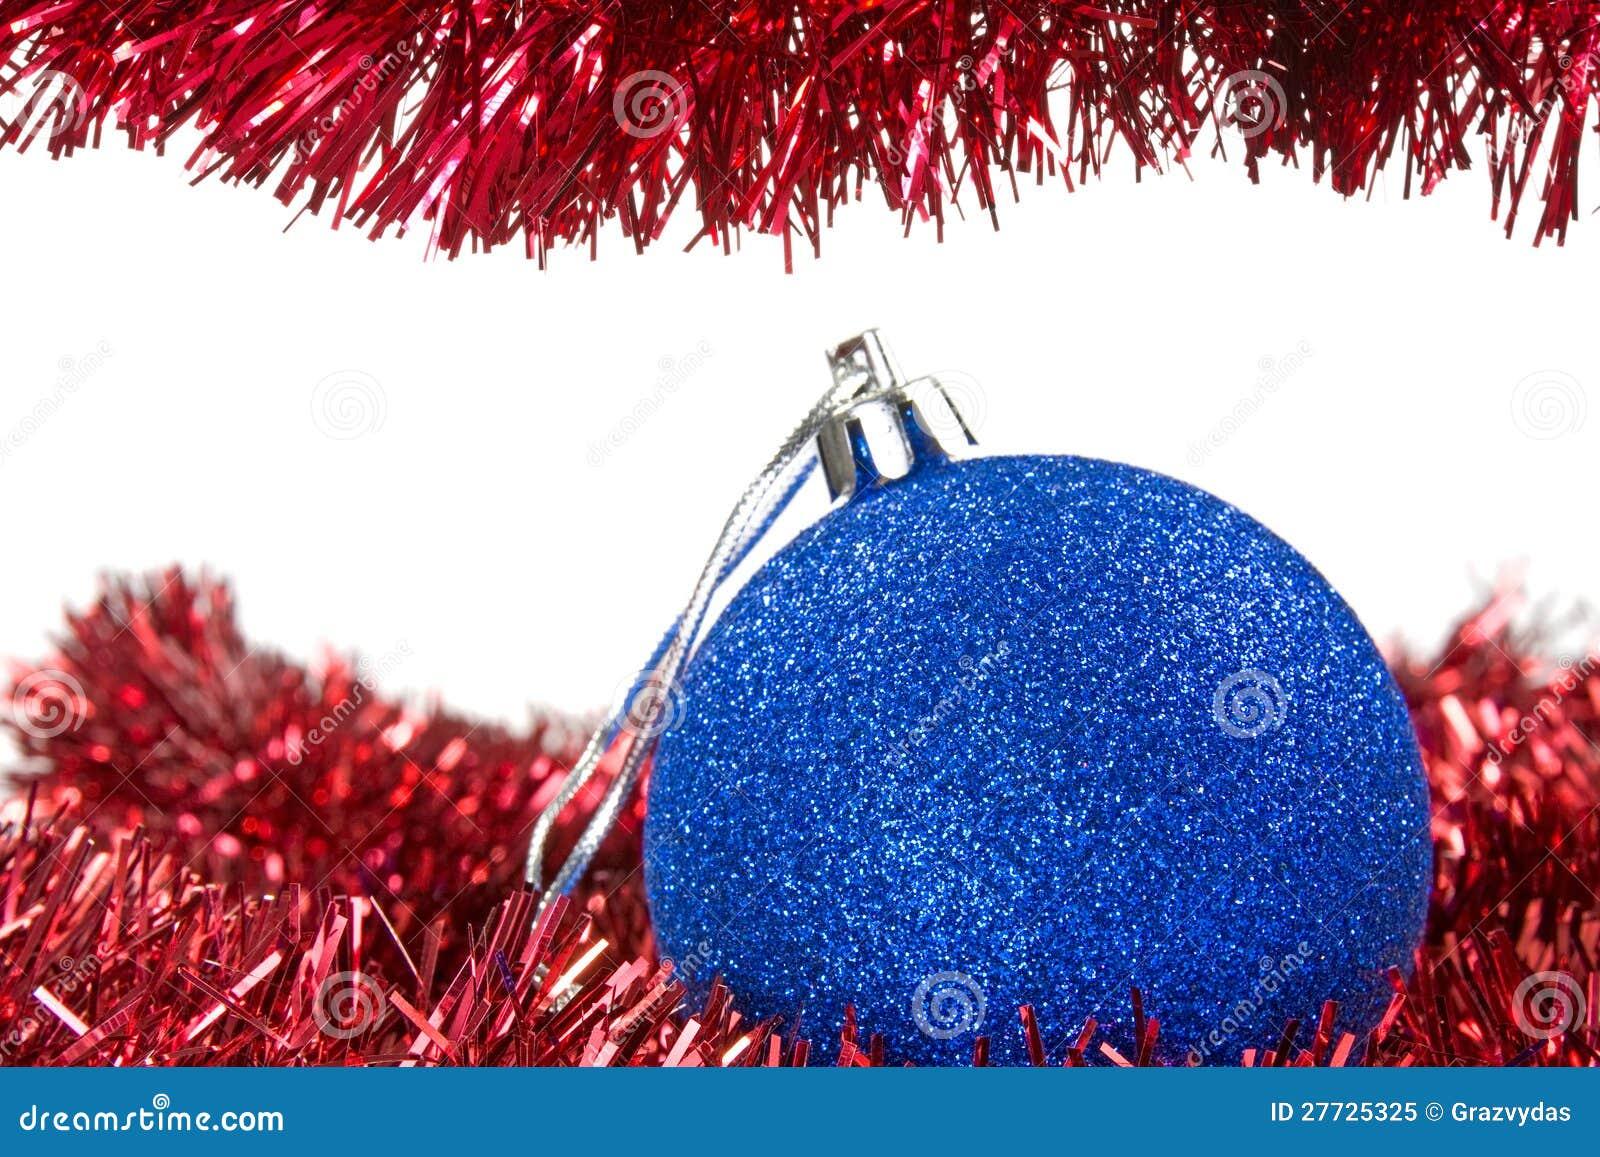 Weihnachtsfilterstreifen und blauer Flitter